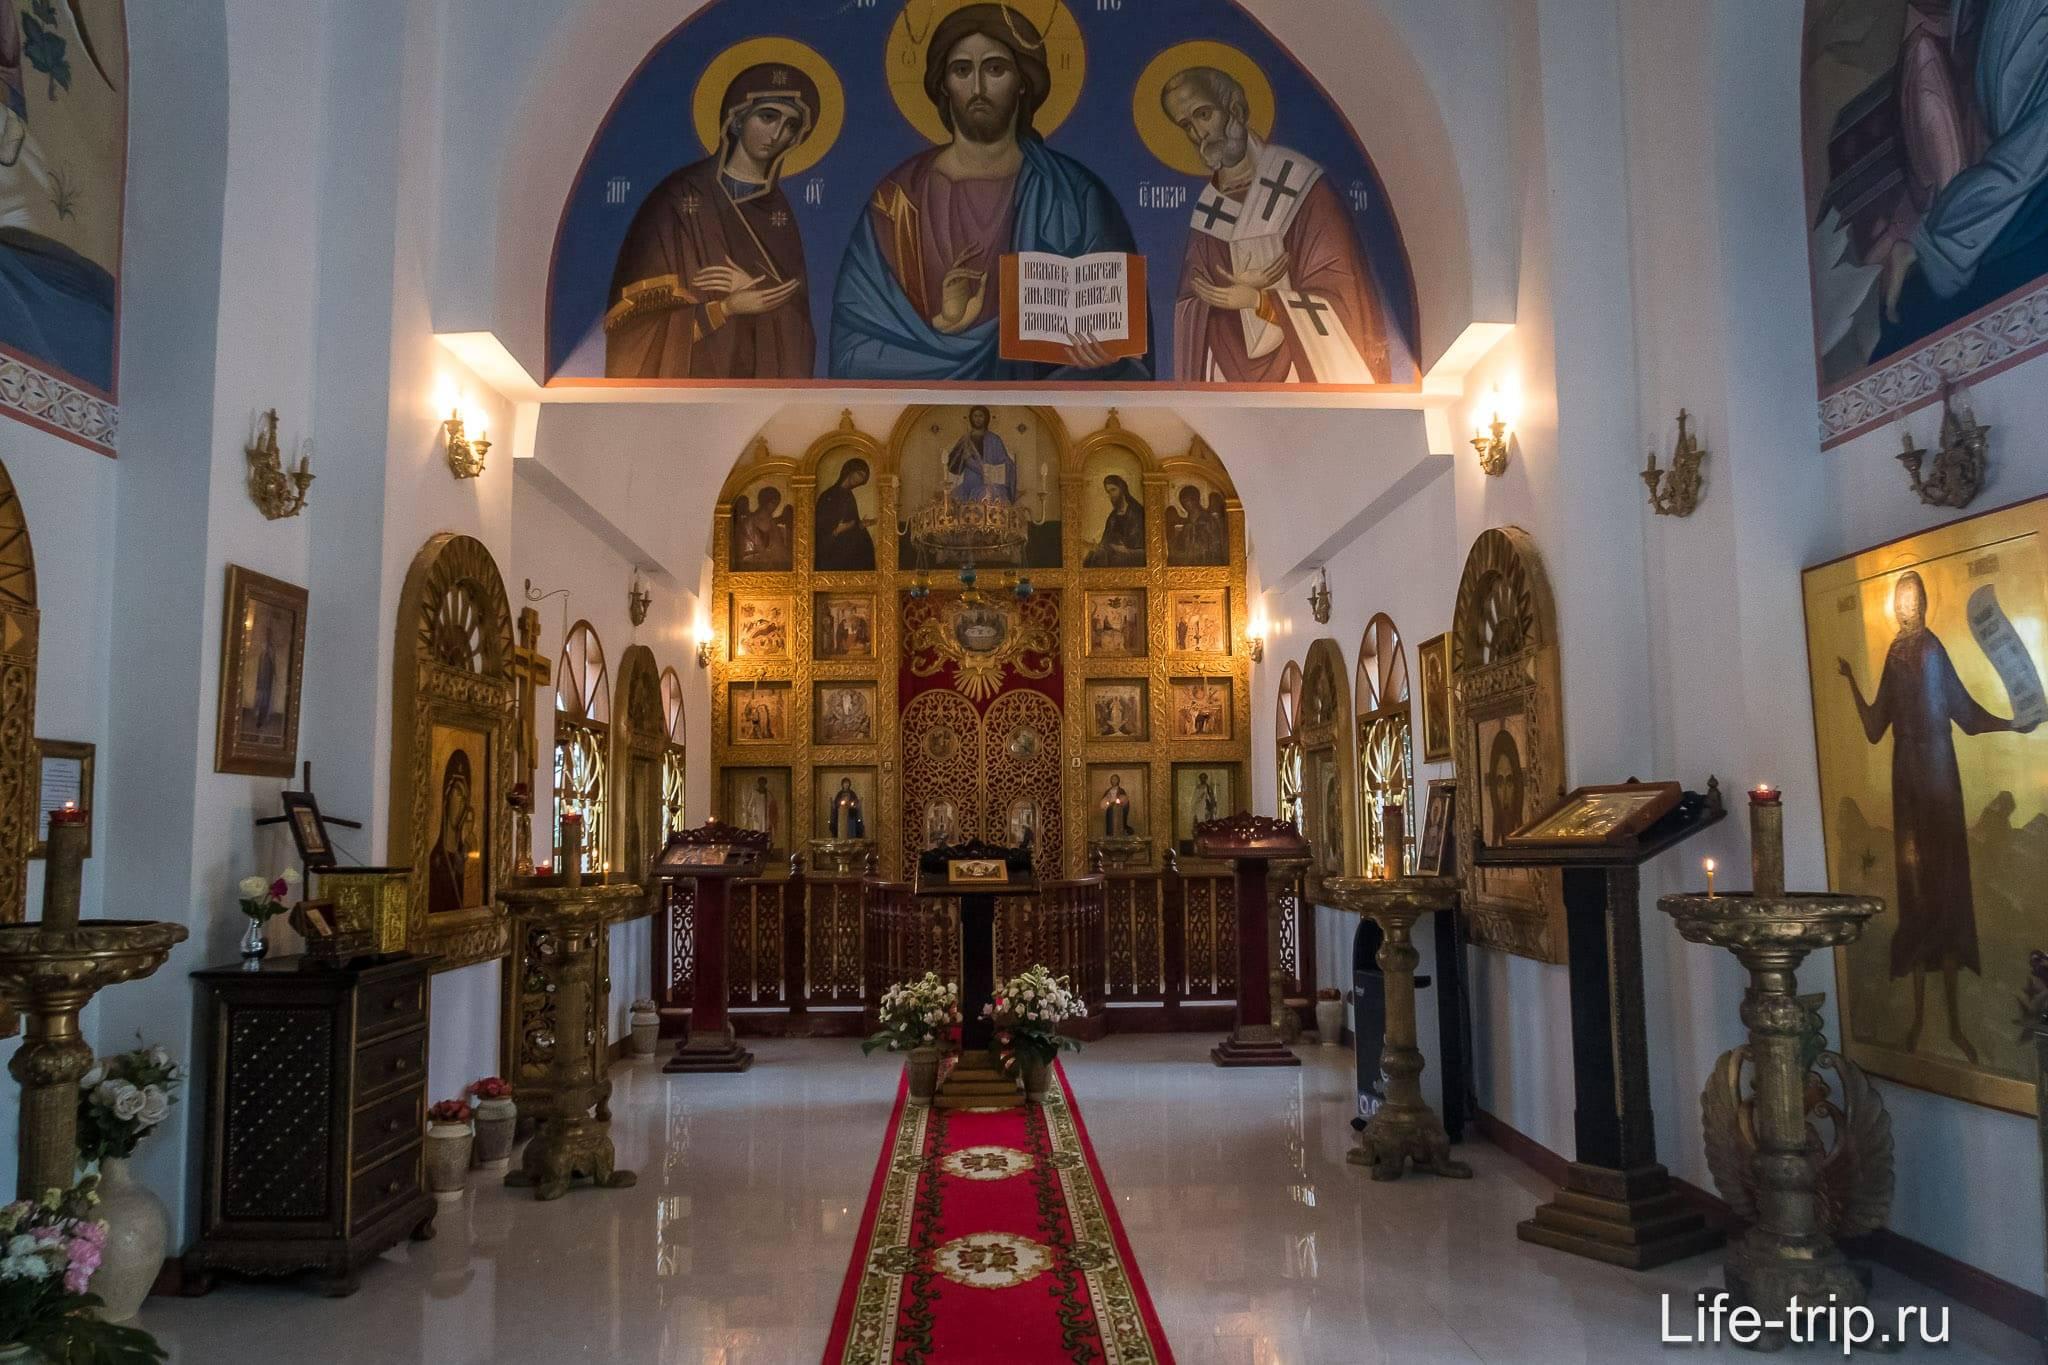 Венчание в православной церкви: правила подготовки, как проходит церемония, значение обряда для супругов